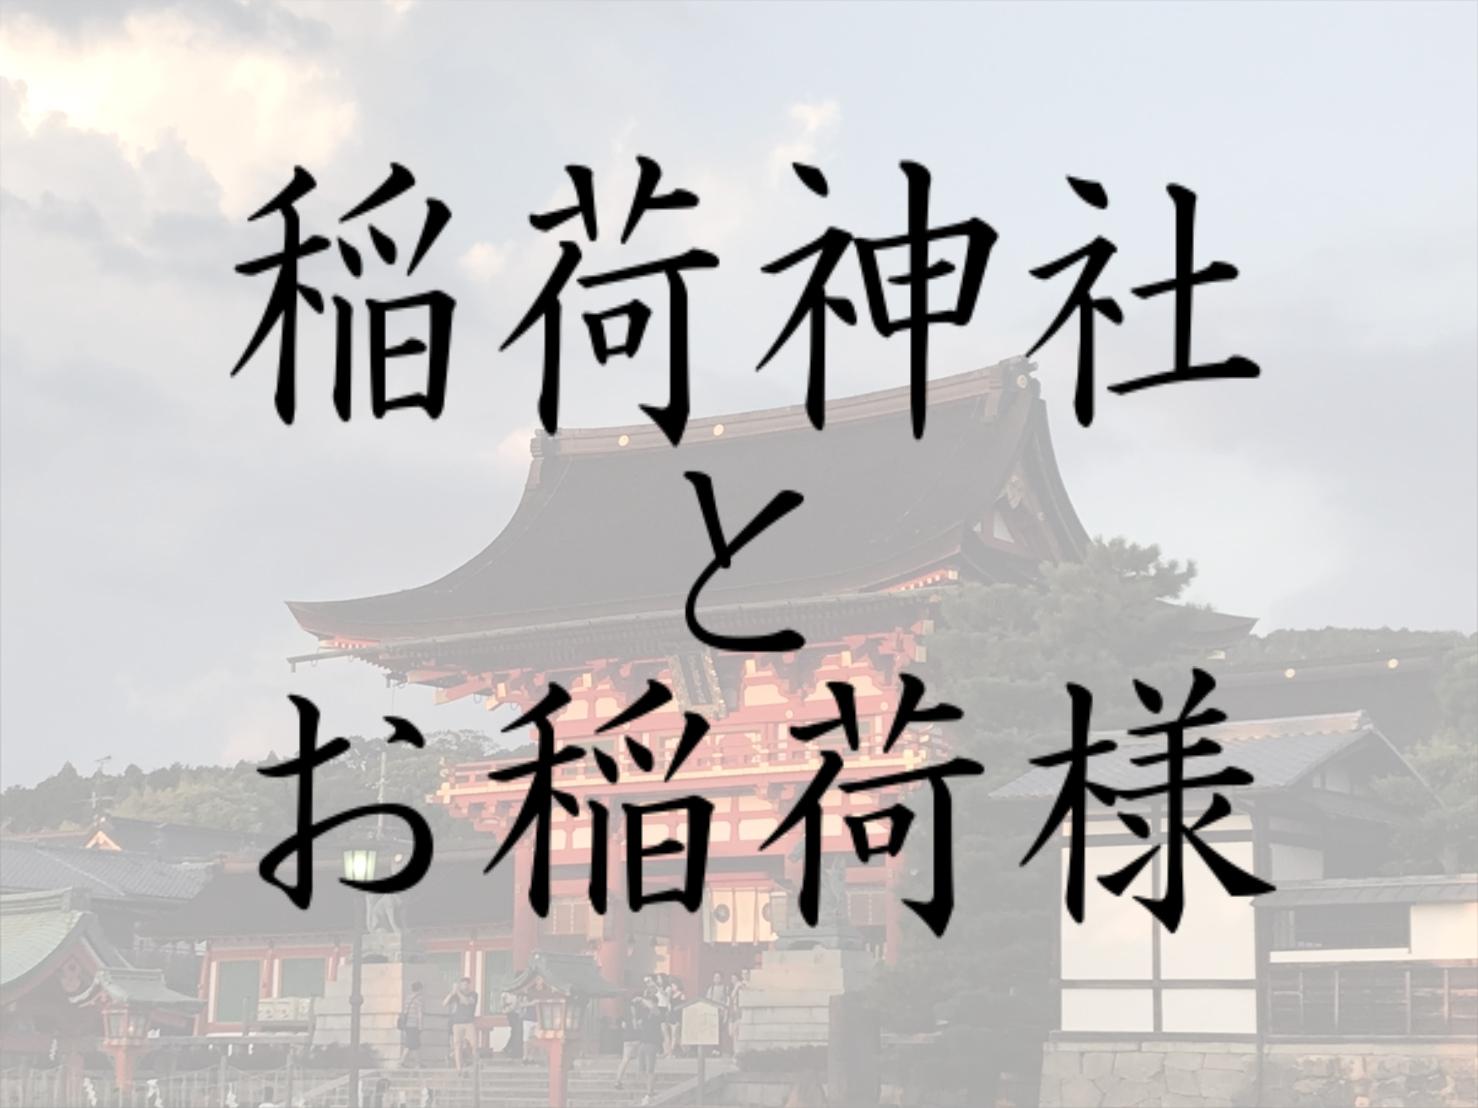 稲荷神社-お稲荷様-稲荷神